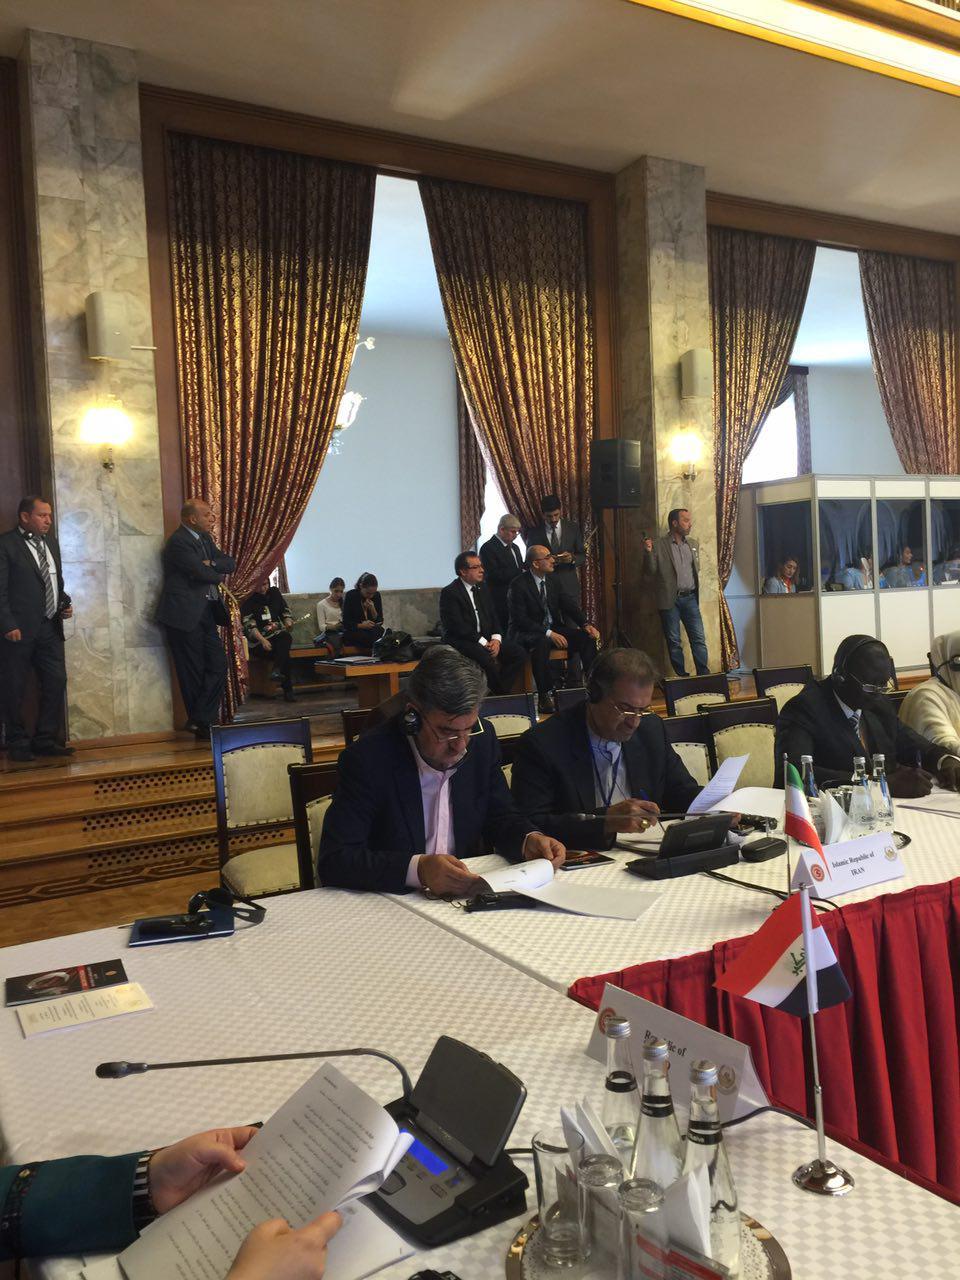 با حضور نمایندگان ایران برگزار شد، سی و ششمین نشست کمیته اجرایی بین المجالس سازمان همکاری اسلامی